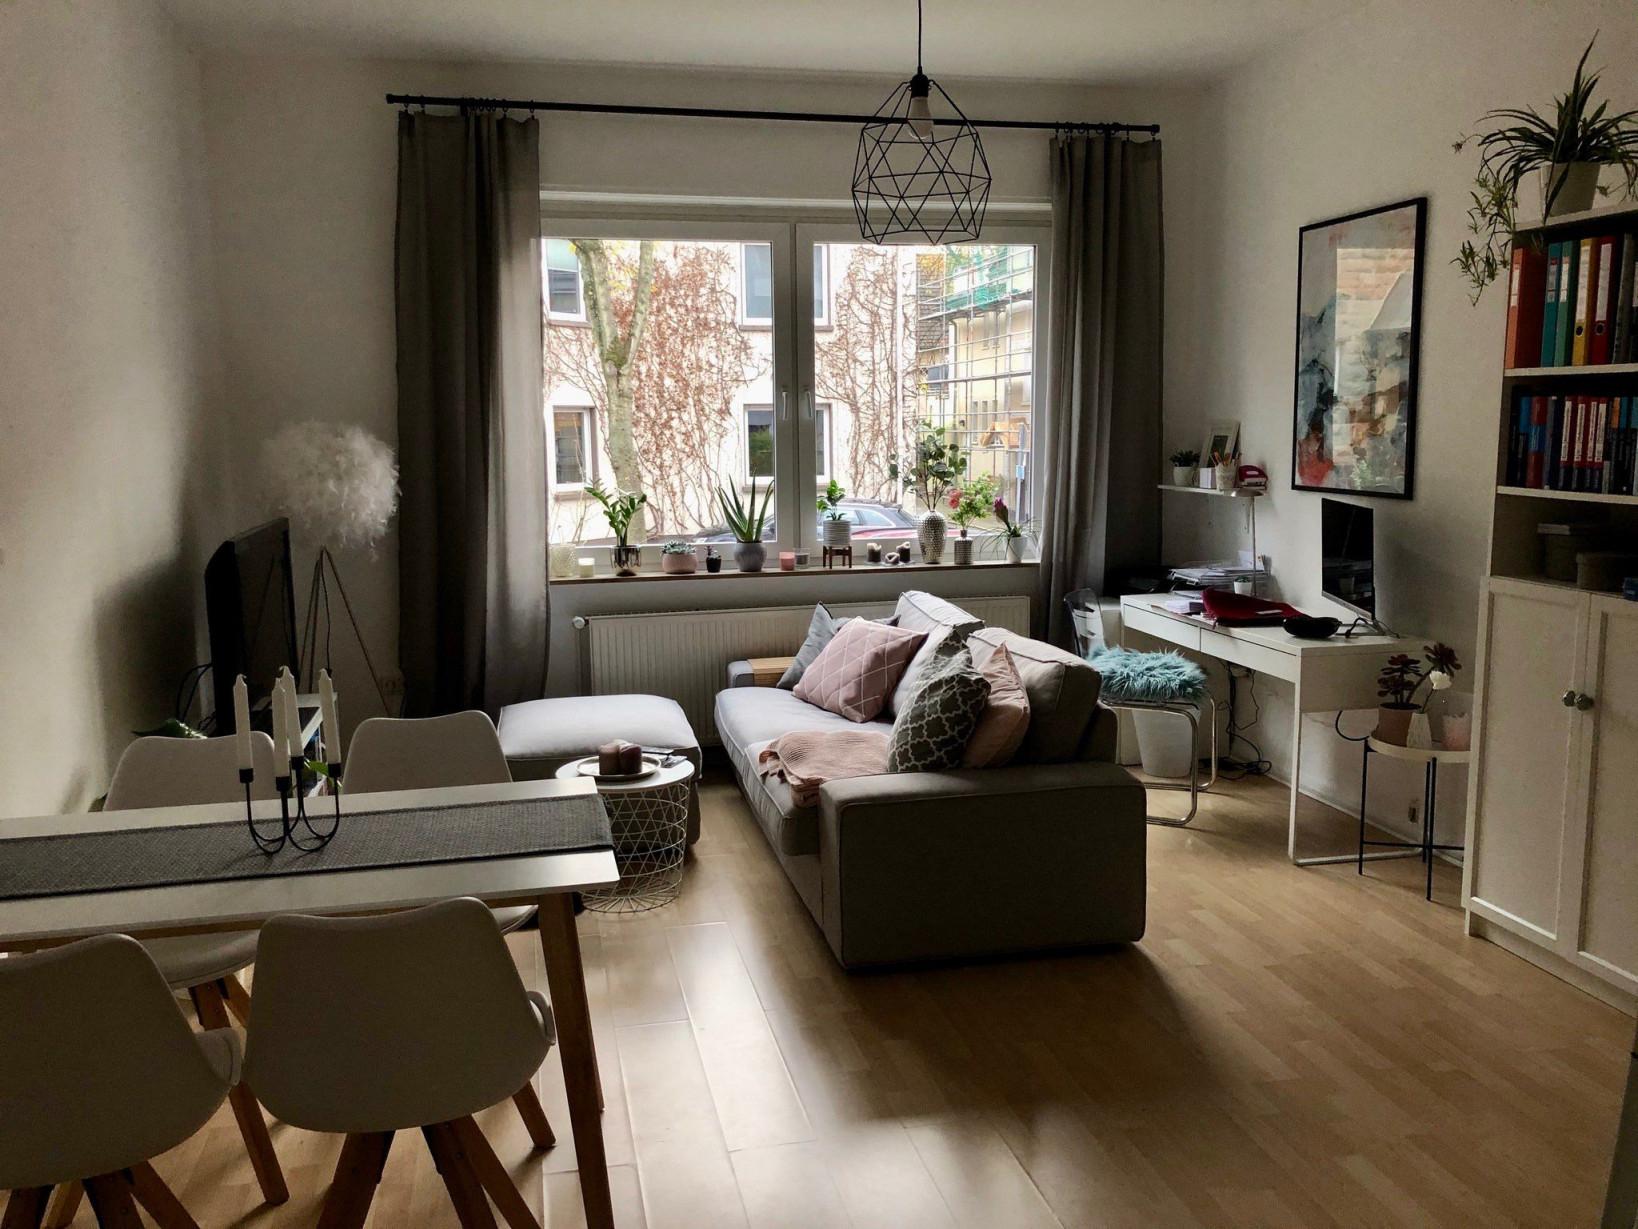 Schönes Wohn Und Esszimmer  Wohnung Innenarchitektur von Wohnzimmer Und Esszimmer Ideen Photo